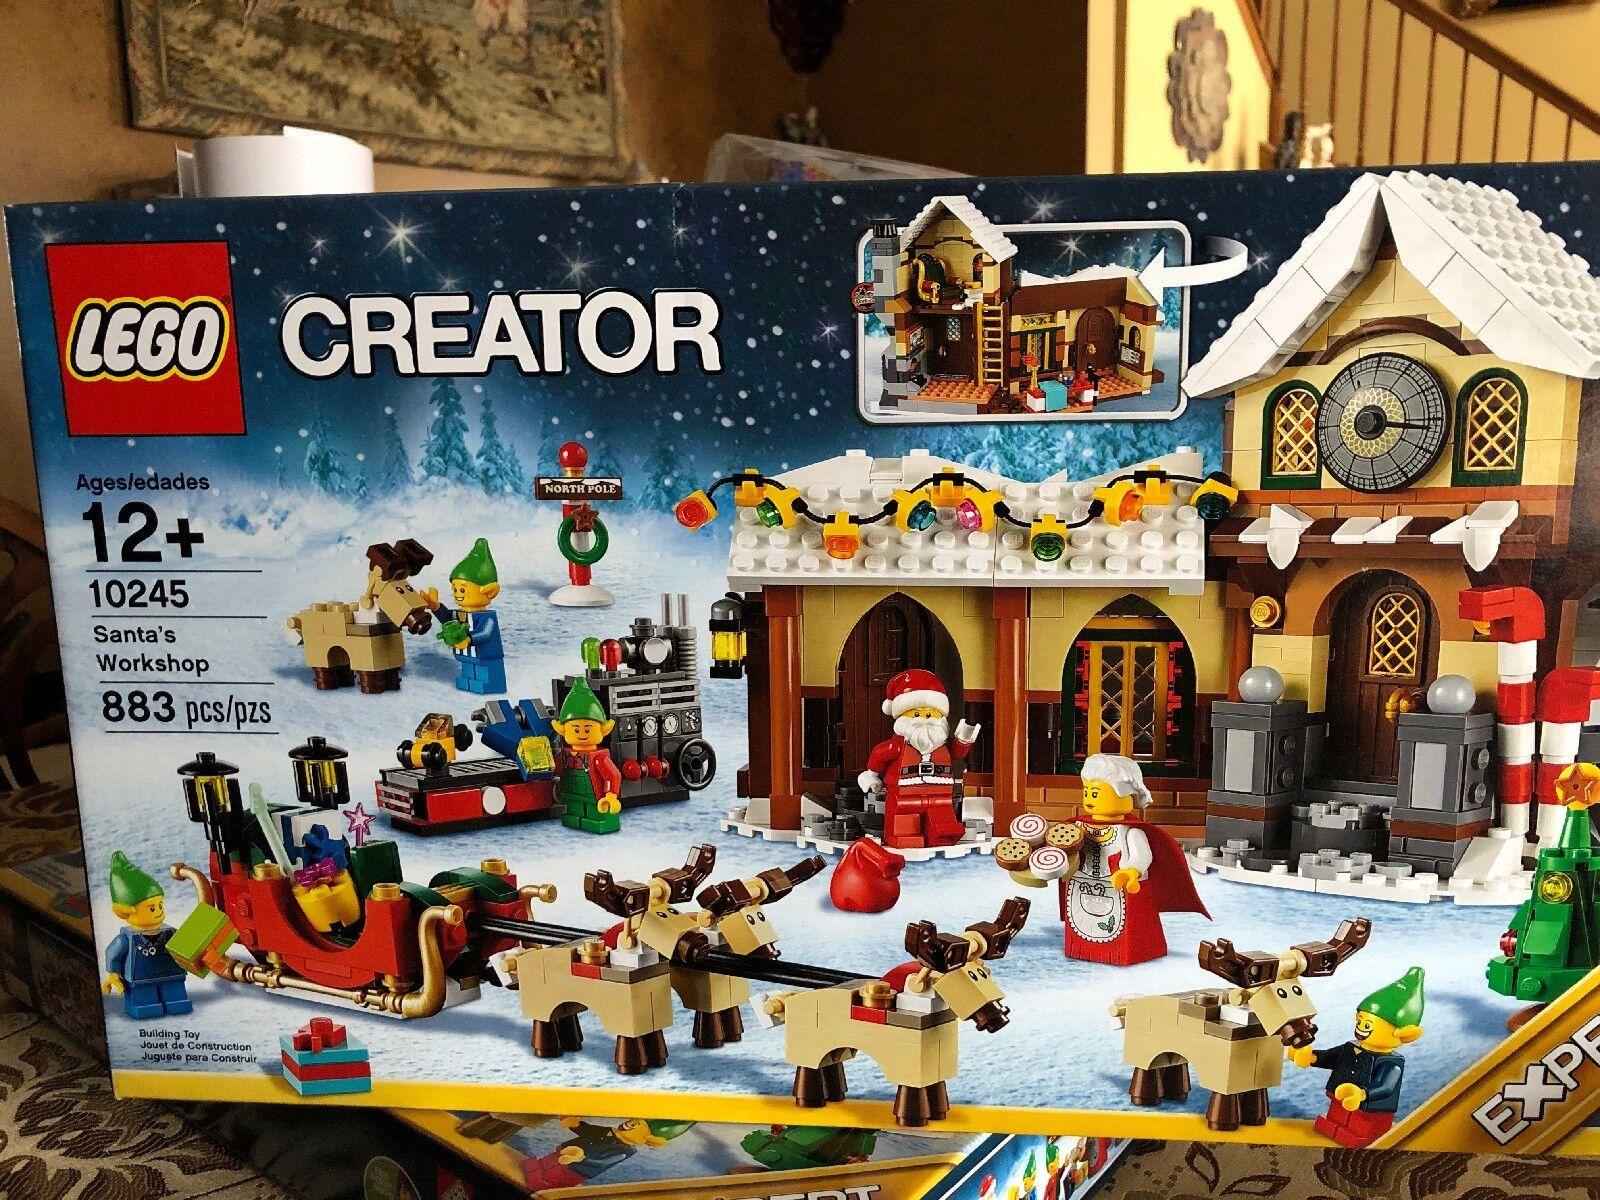 edizione limitata a caldo LEGO Santa's Santa's Santa's lavoronegozio - Creator 10245 Holiday Set - nuovo Sealed (Retirosso Set)  prezzi bassissimi